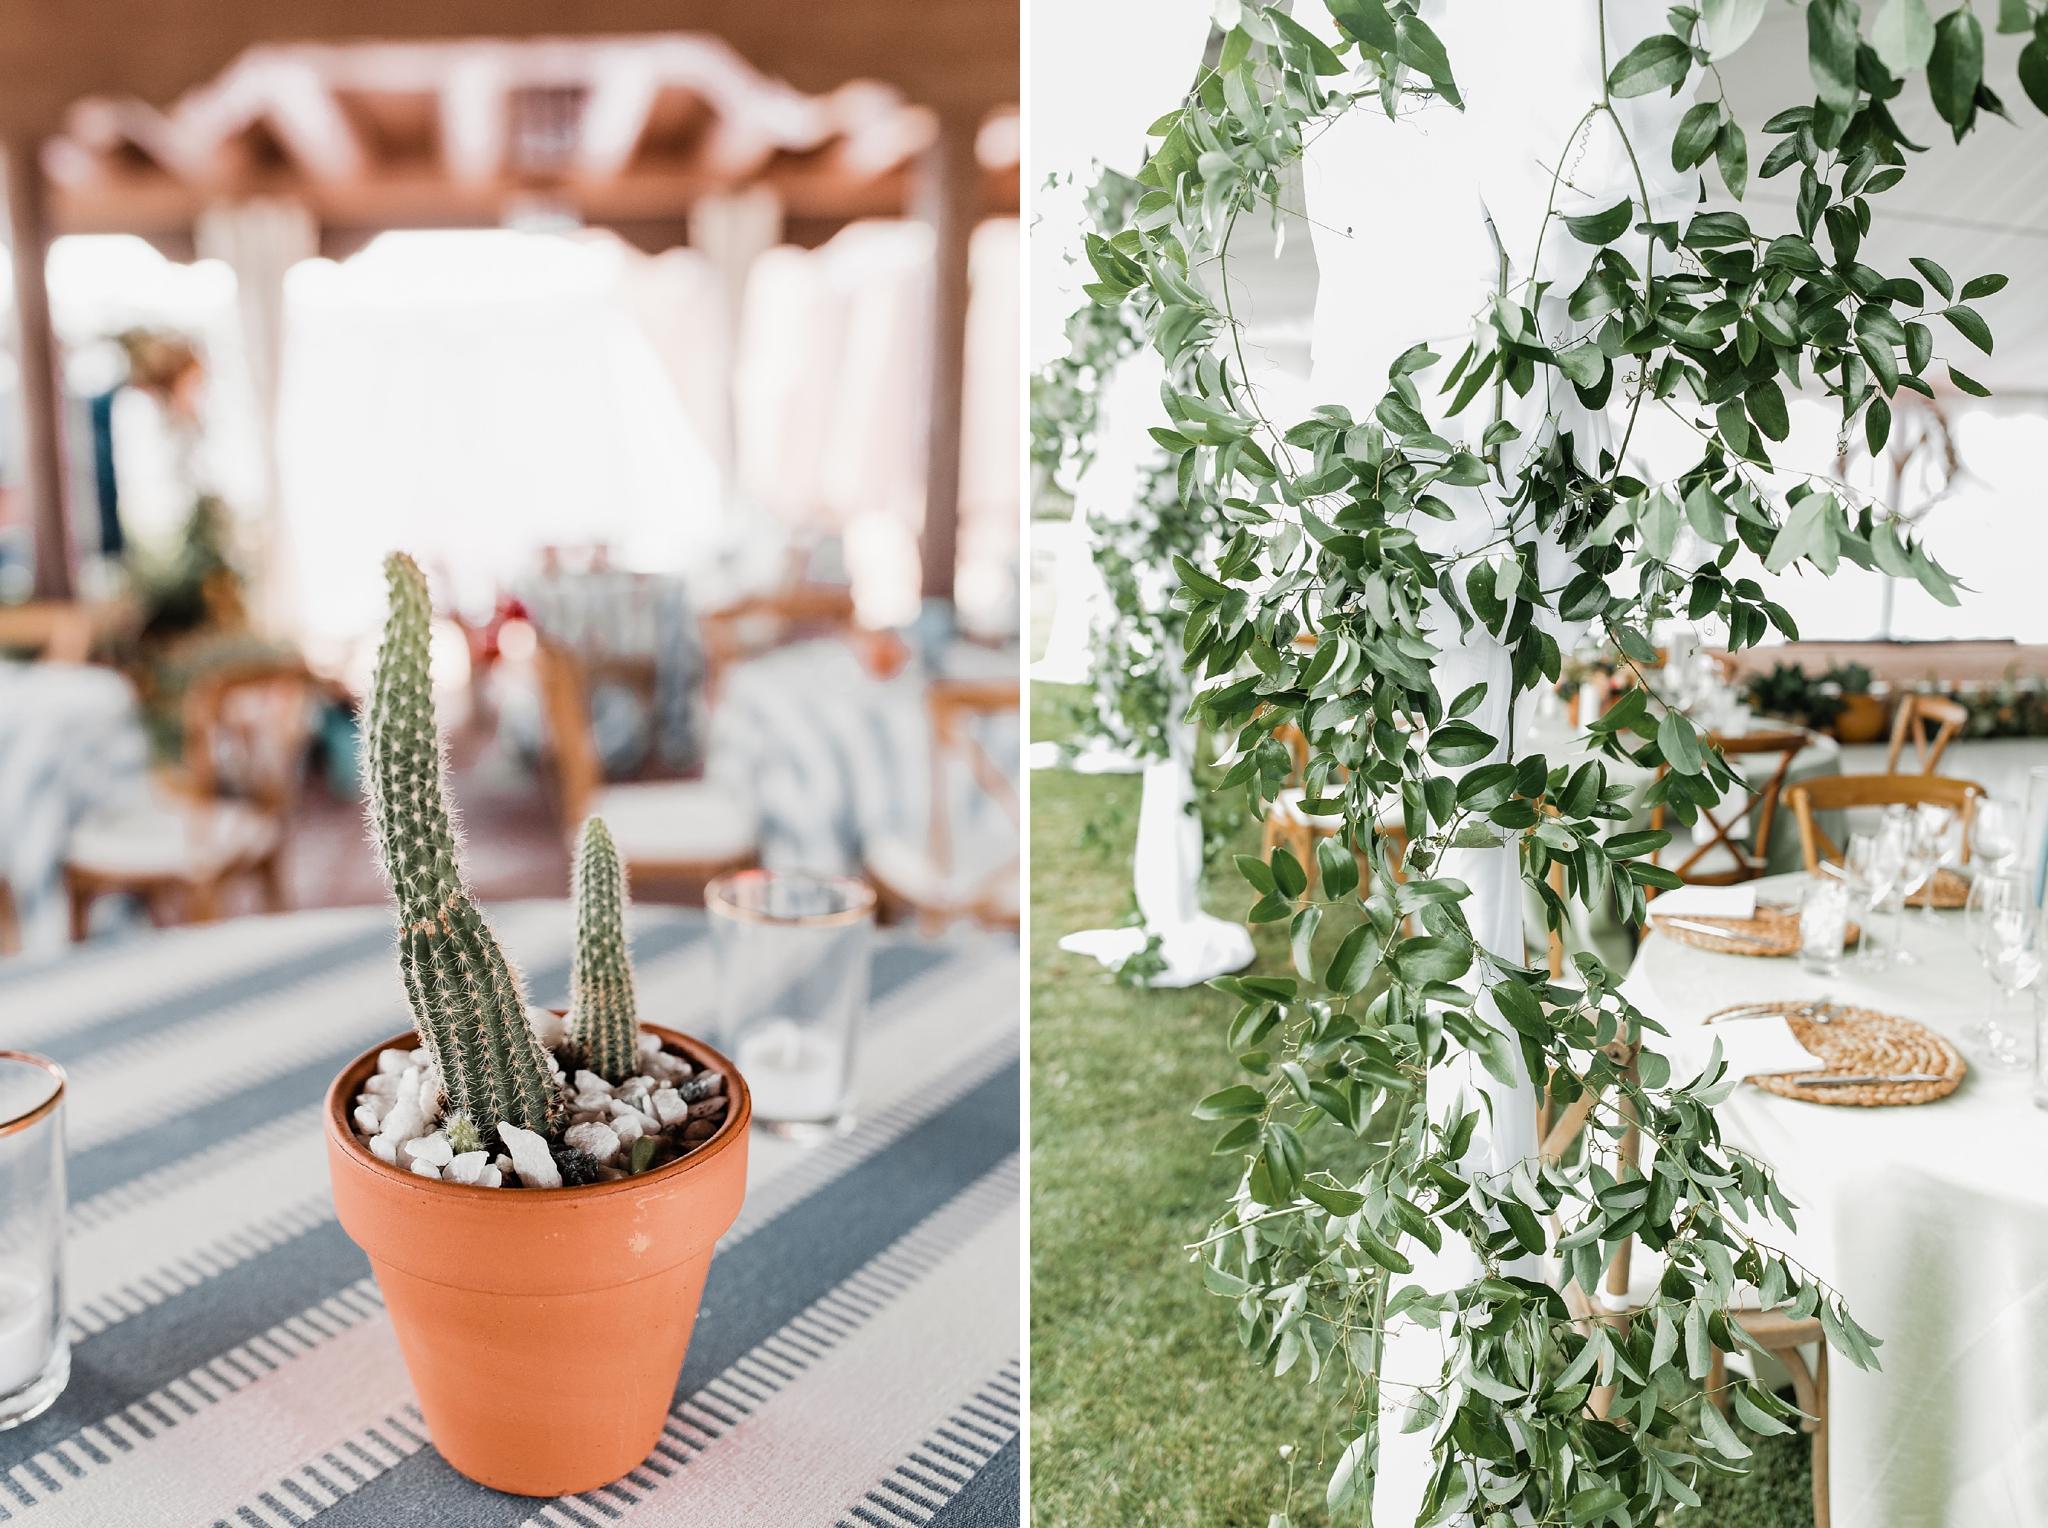 Alicia+lucia+photography+-+albuquerque+wedding+photographer+-+santa+fe+wedding+photography+-+new+mexico+wedding+photographer+-+new+mexico+wedding+-+summer+wedding+-+summer+wedding+florals+-+southwest+wedding_0085.jpg